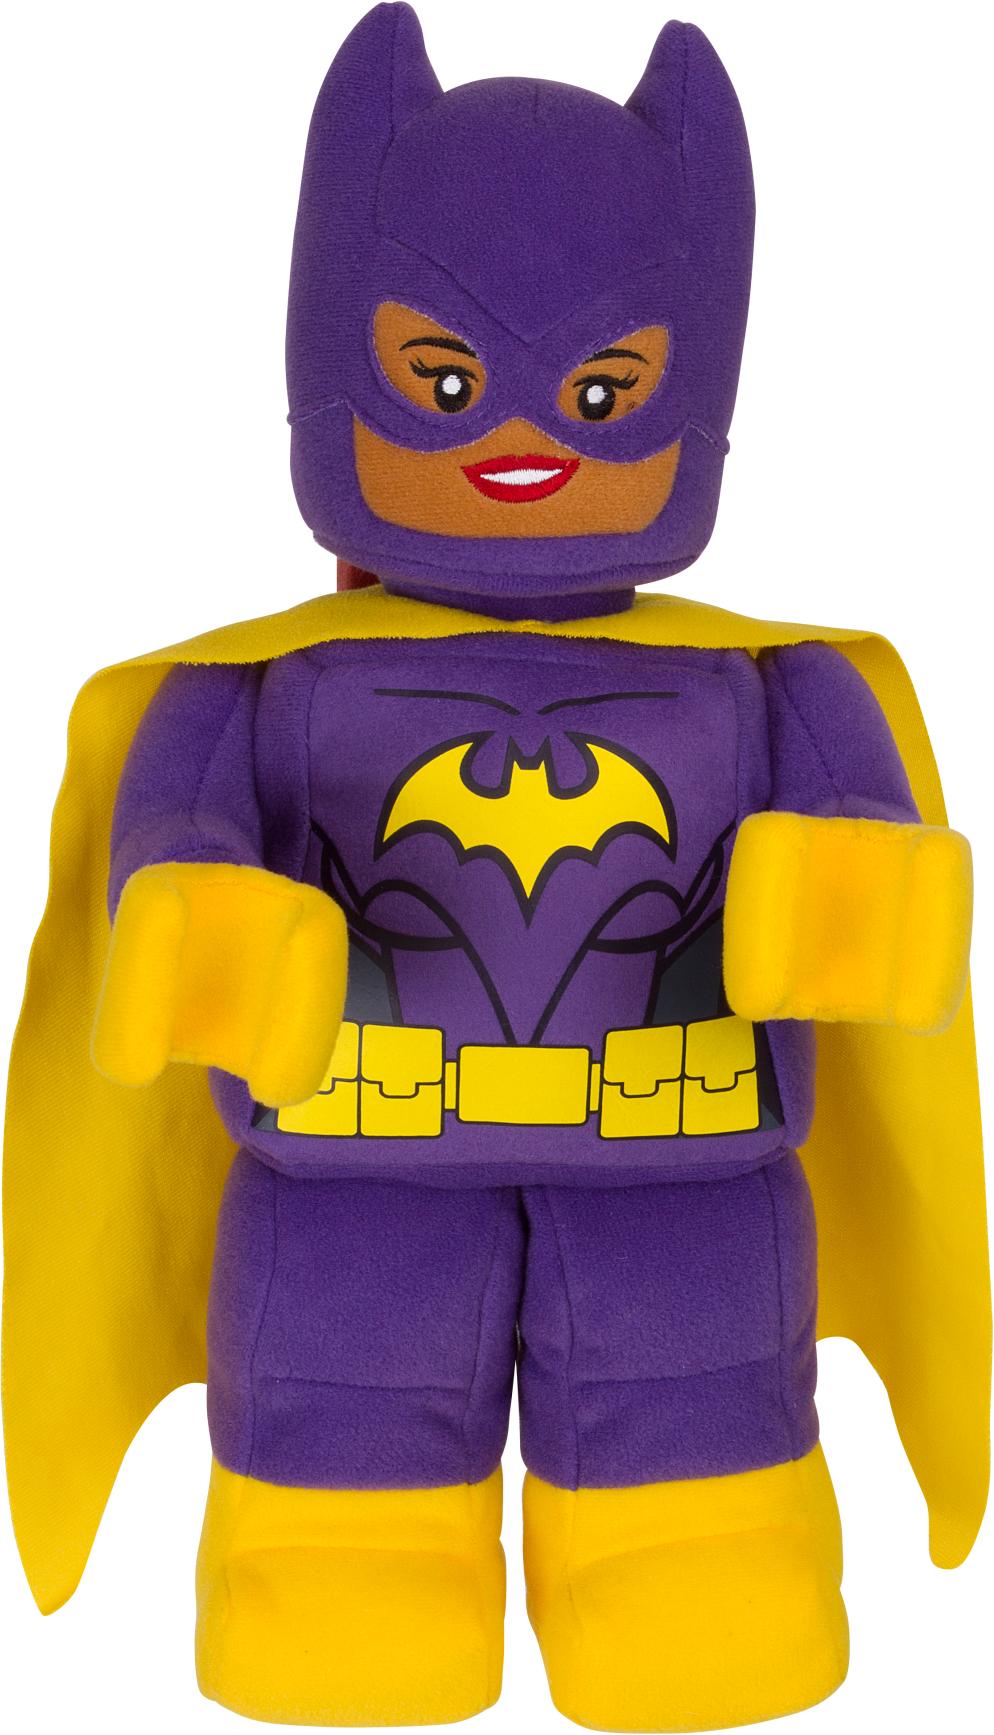 Batgirl Minifigure Plush